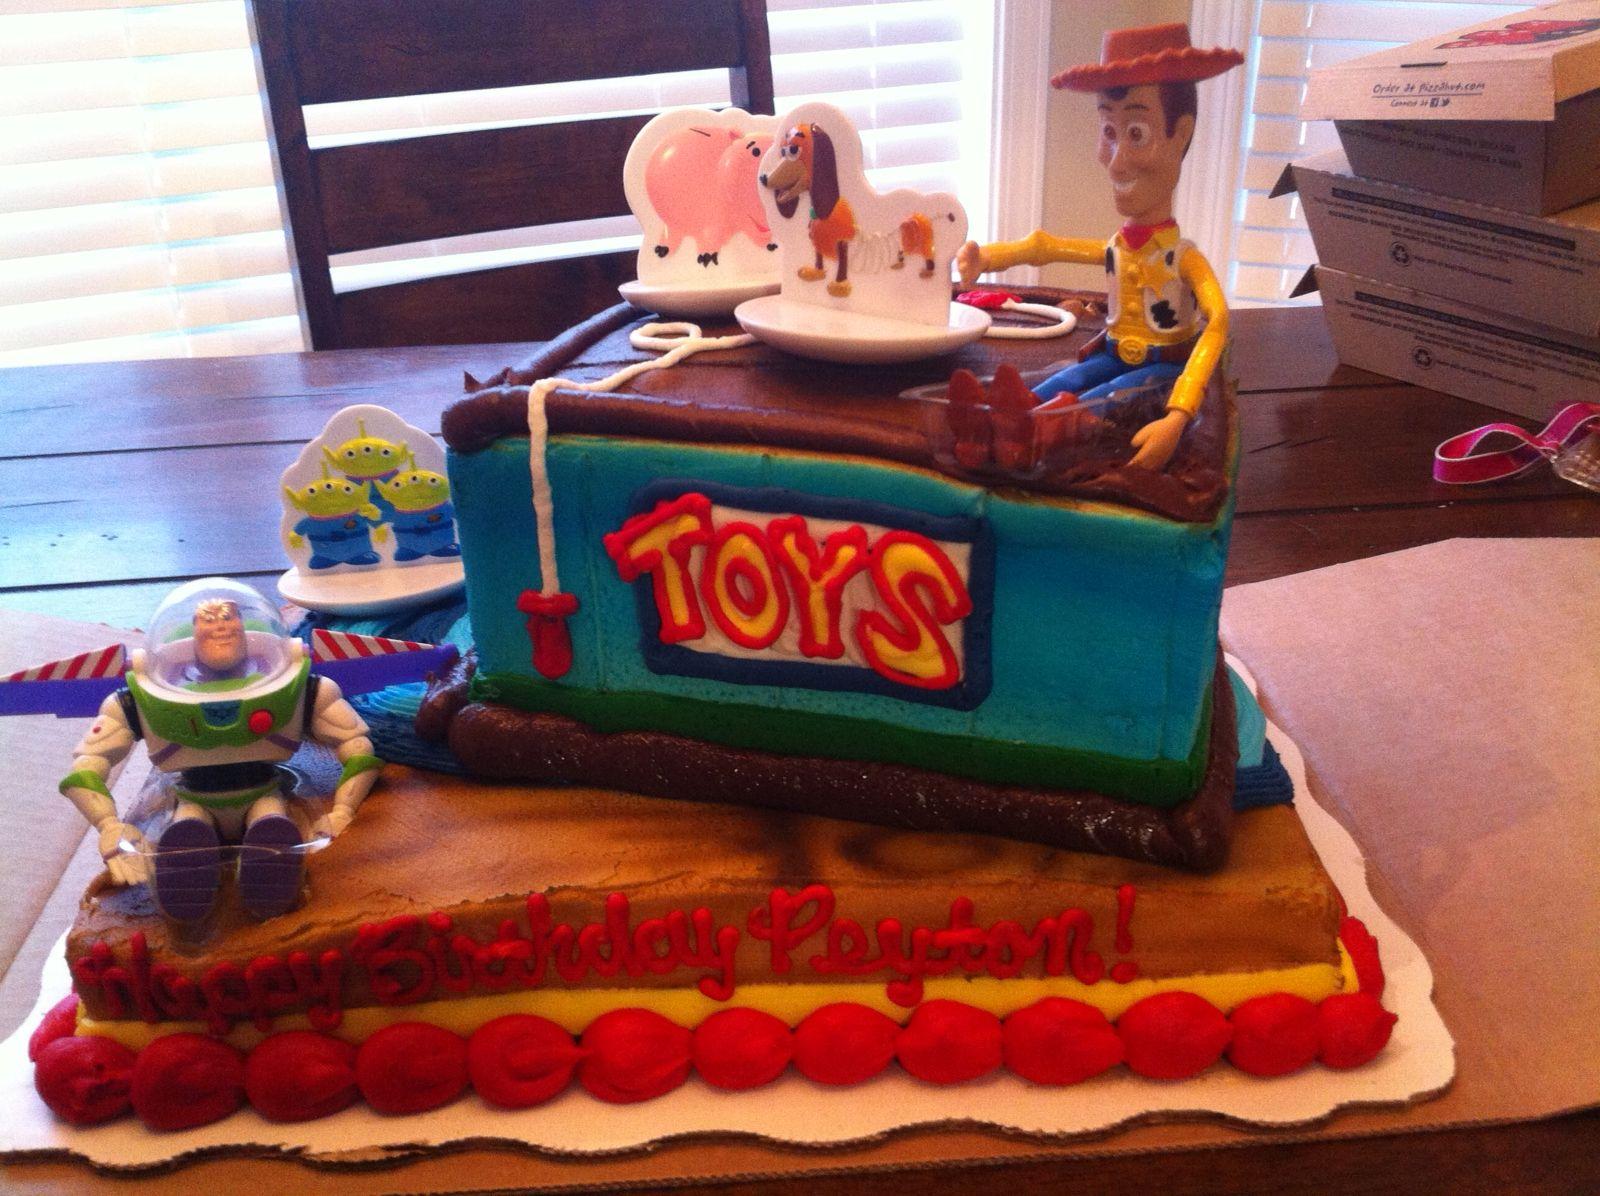 Remarkable Peytons Toy Story Birthday Cake Walmart Toy Story Birthday Personalised Birthday Cards Arneslily Jamesorg